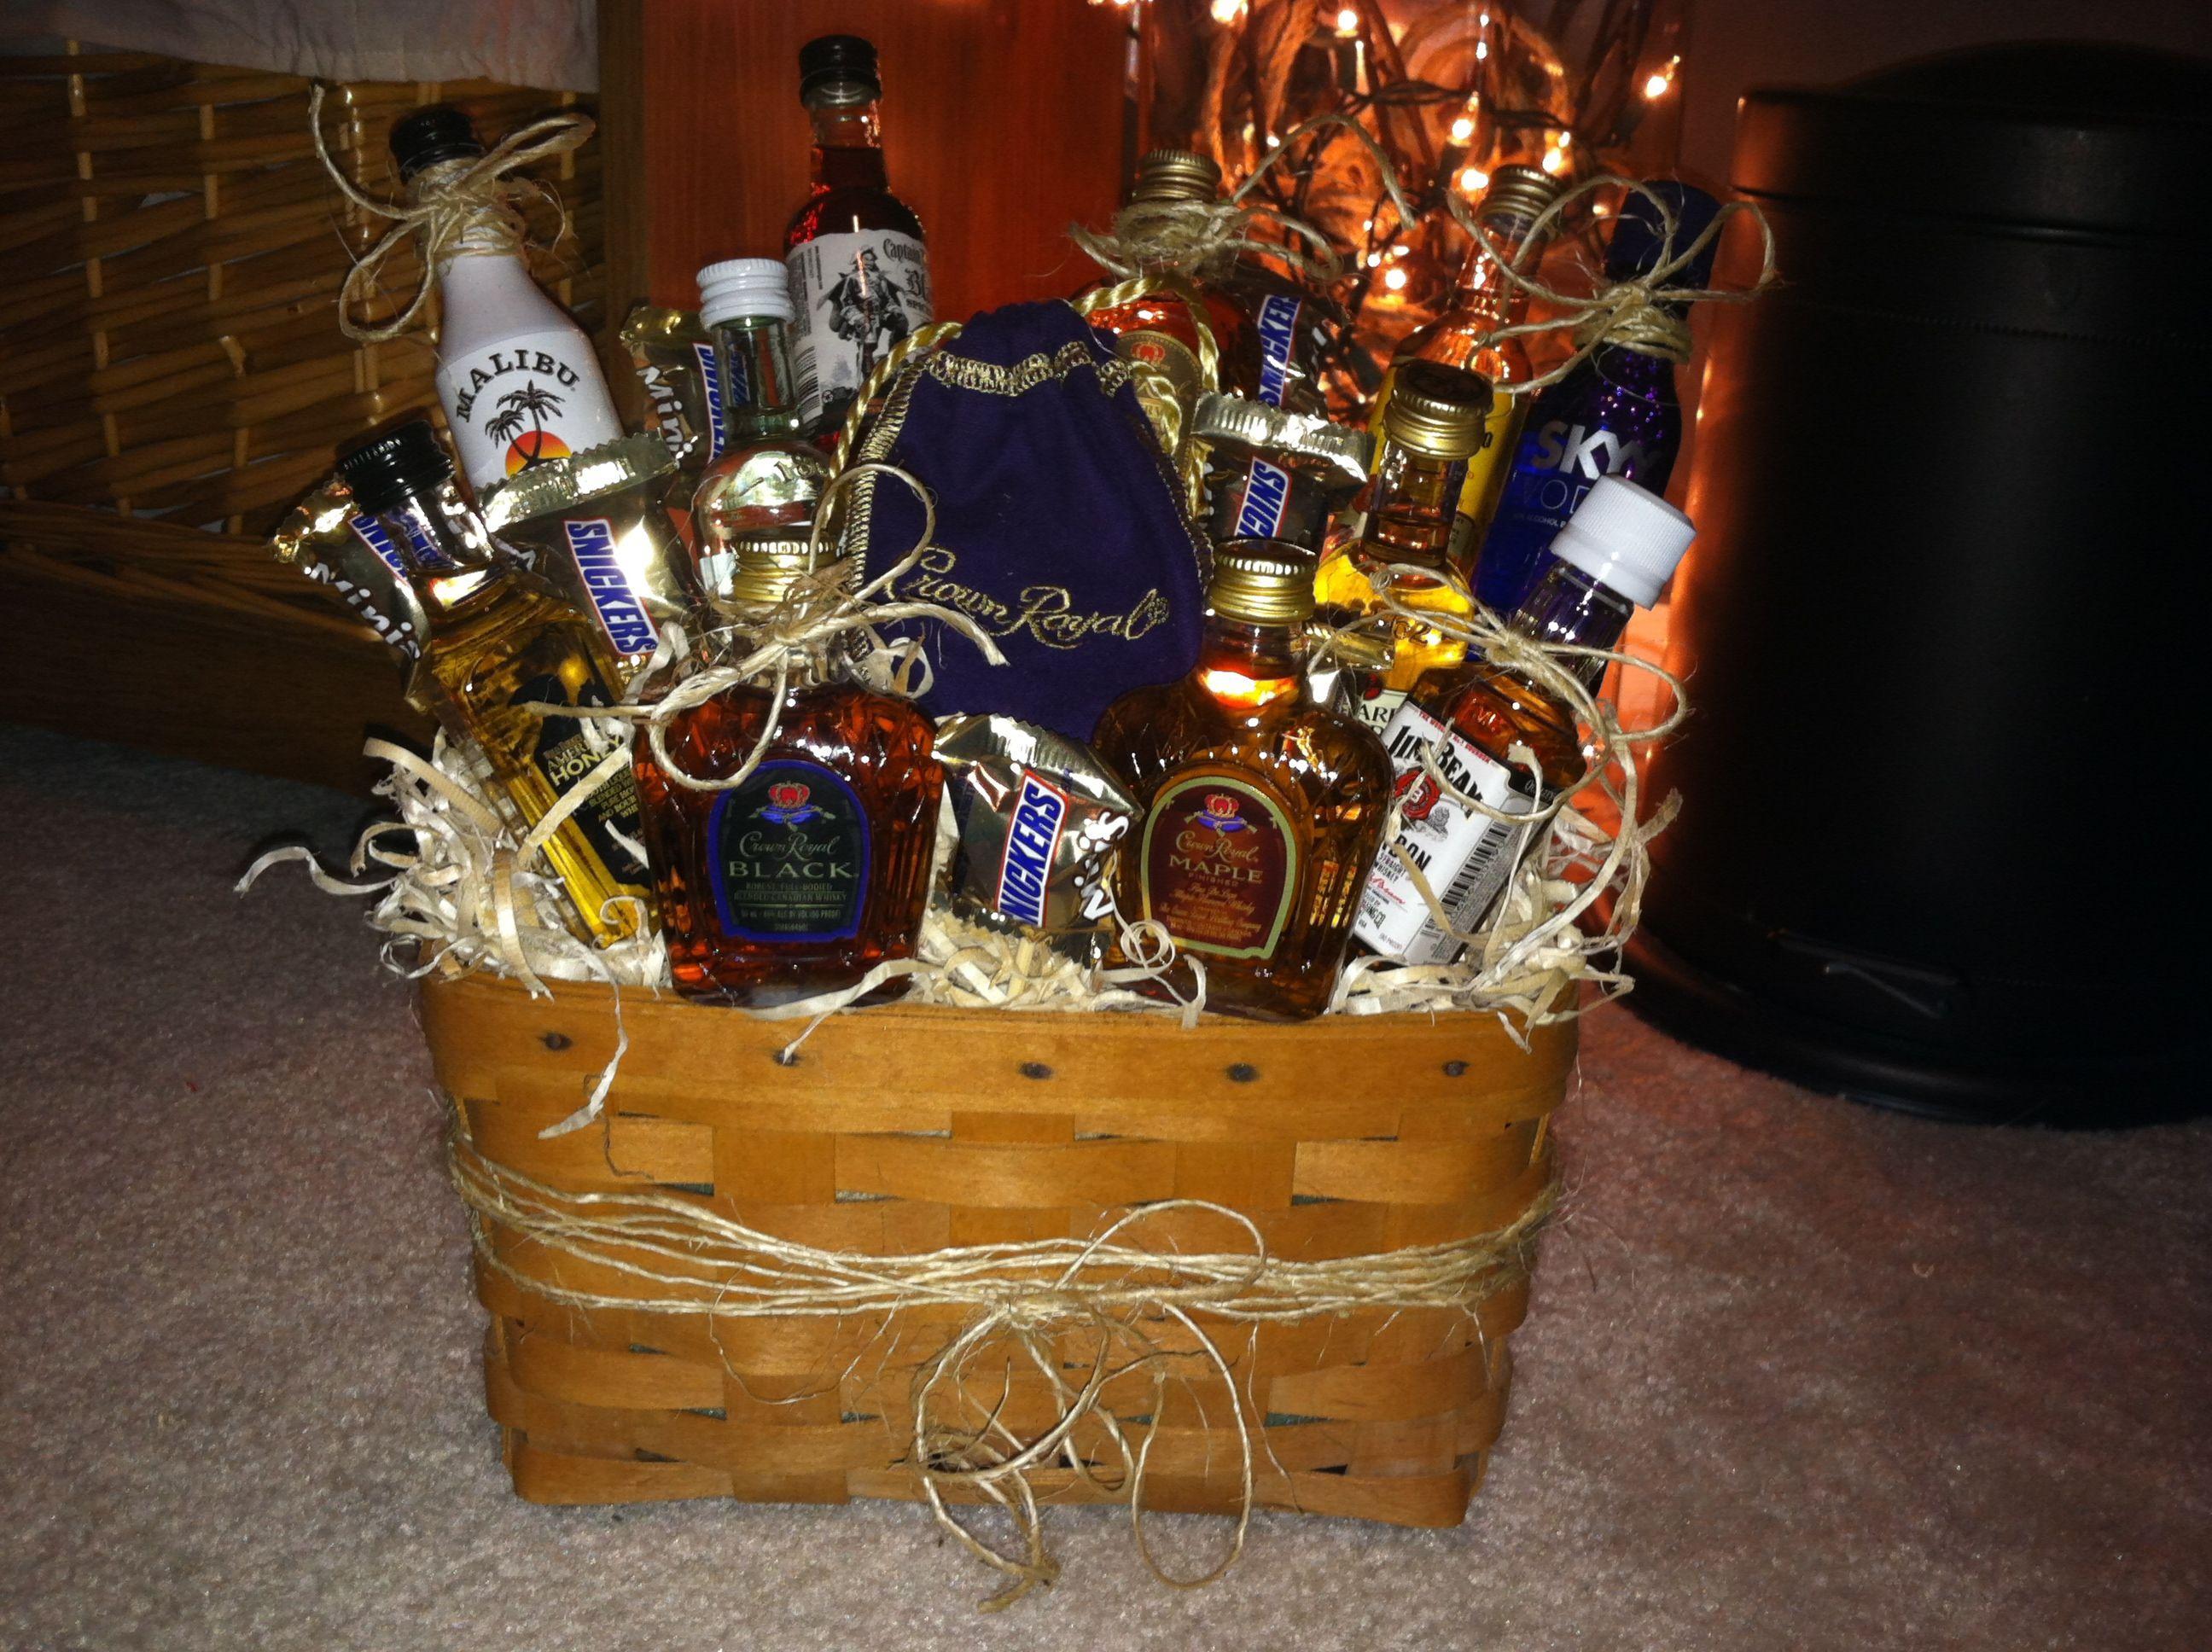 Mini Liquor Bottle Bouquet For My Boyfriend Birthday Baskets For Him Mini Liquor Bottles